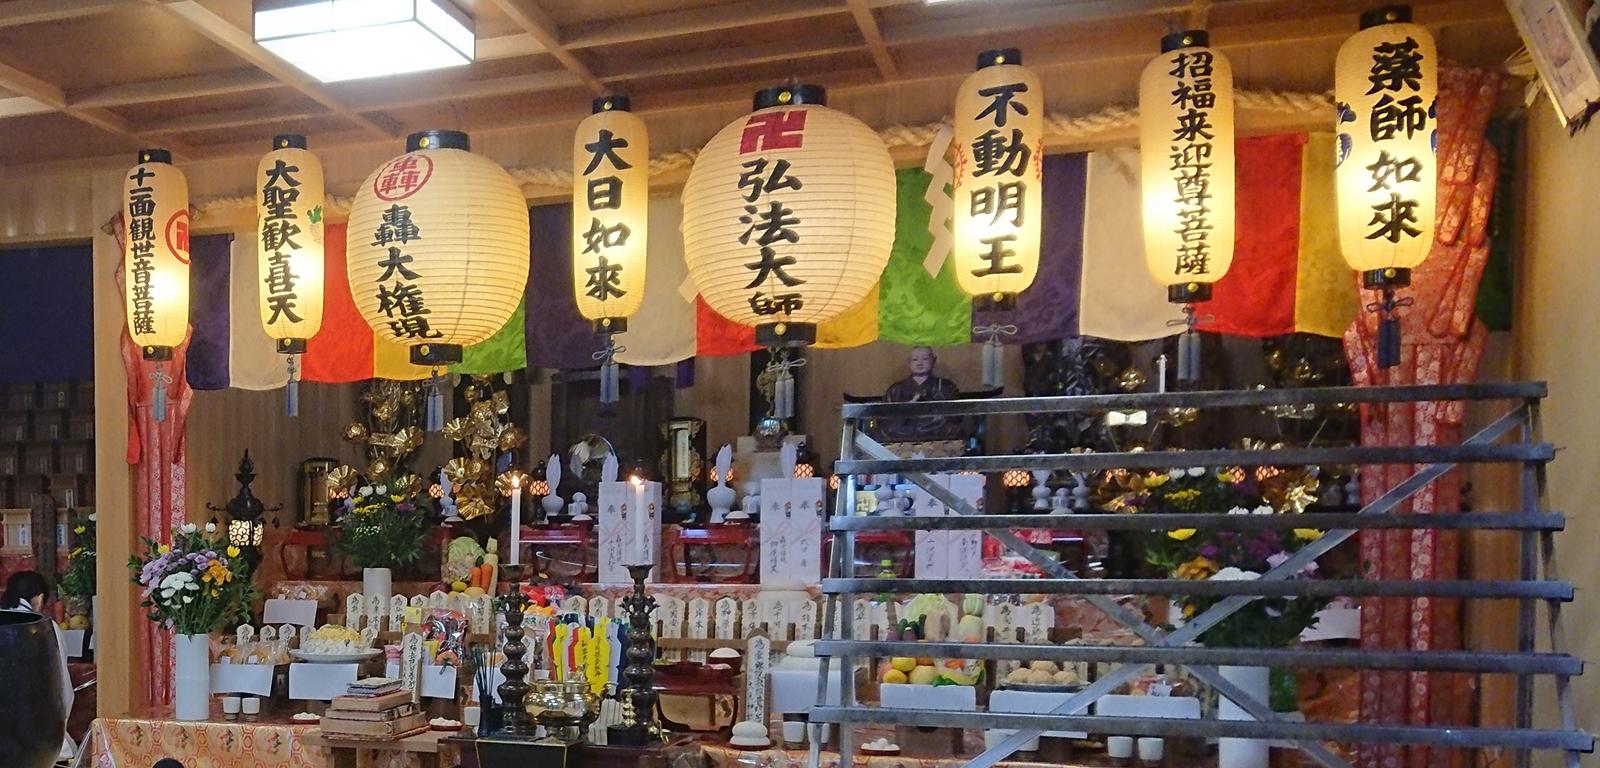 daishido.png